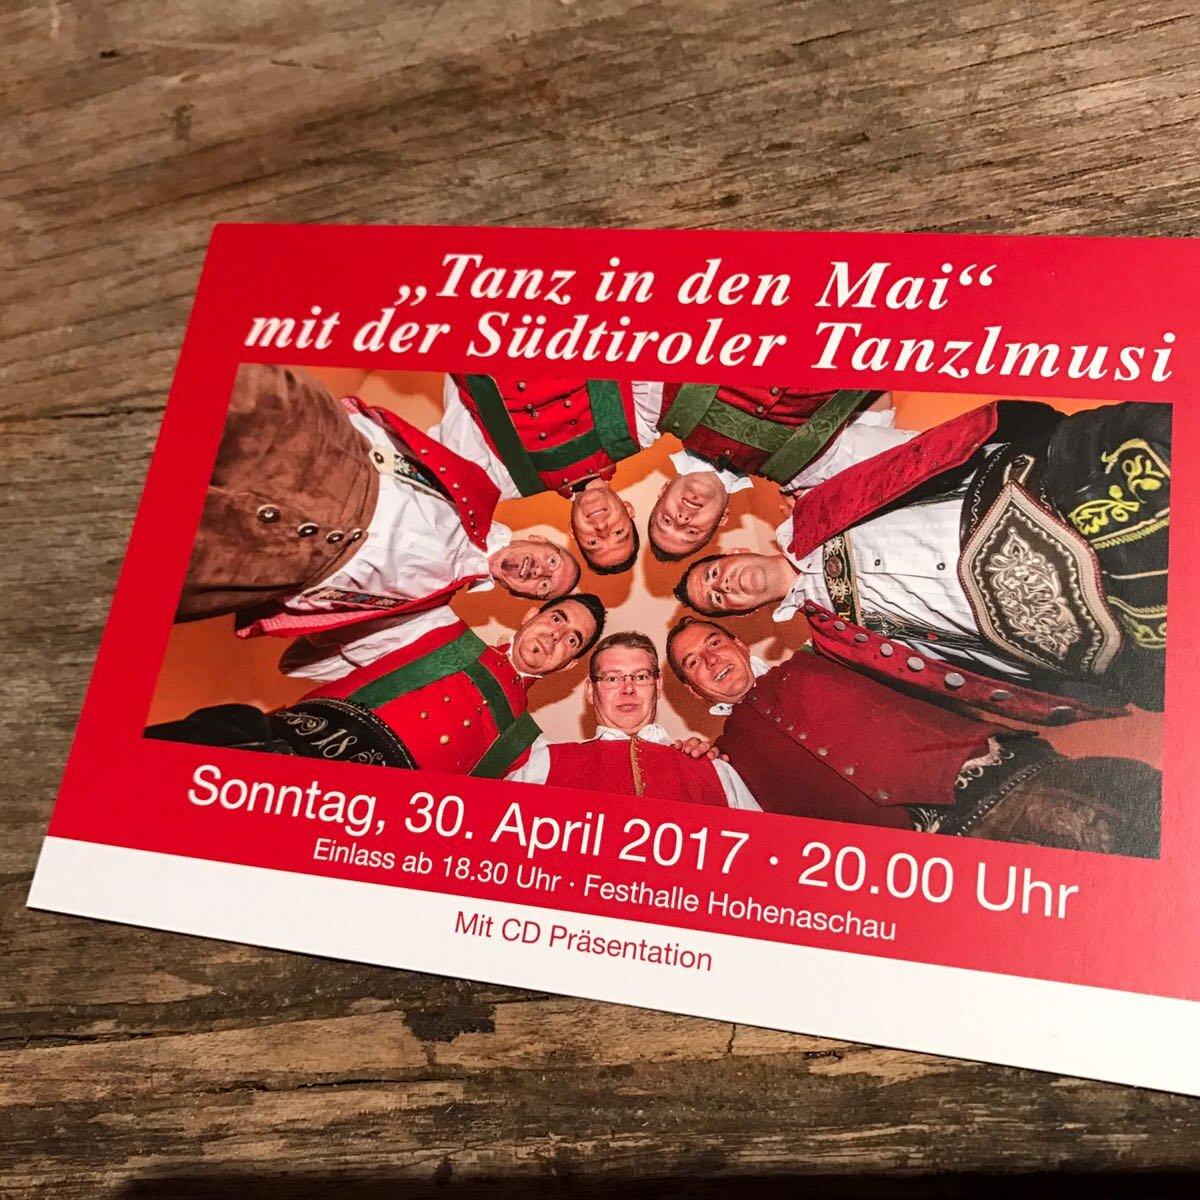 Tanz in den Mai mit der Südtiroler Tanzlmusig